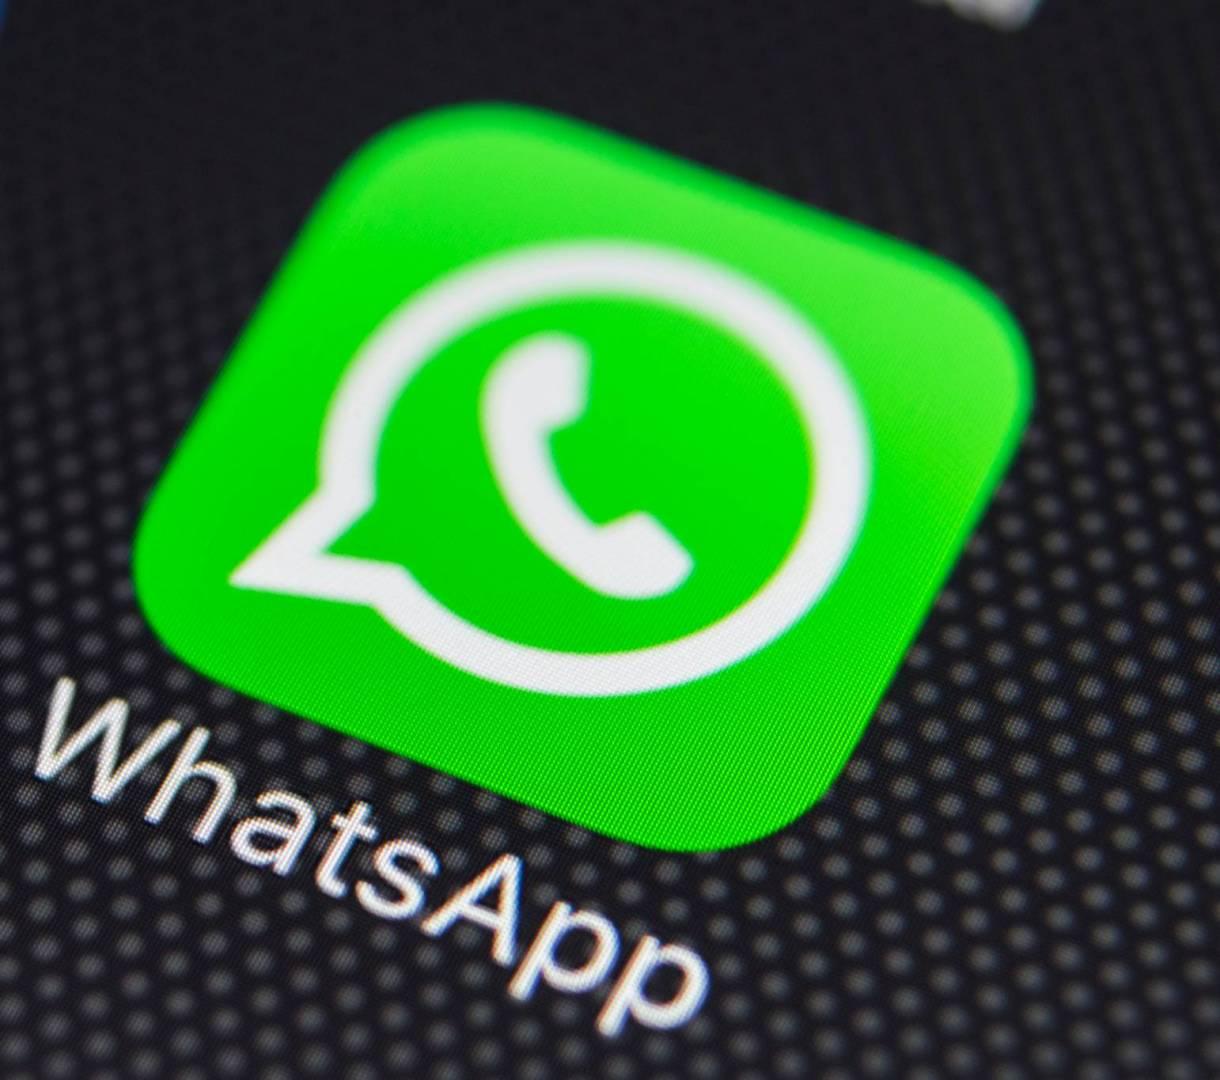 الإصدار الحديث من «واتساب» يستنزف بطارية الهواتف الذكية